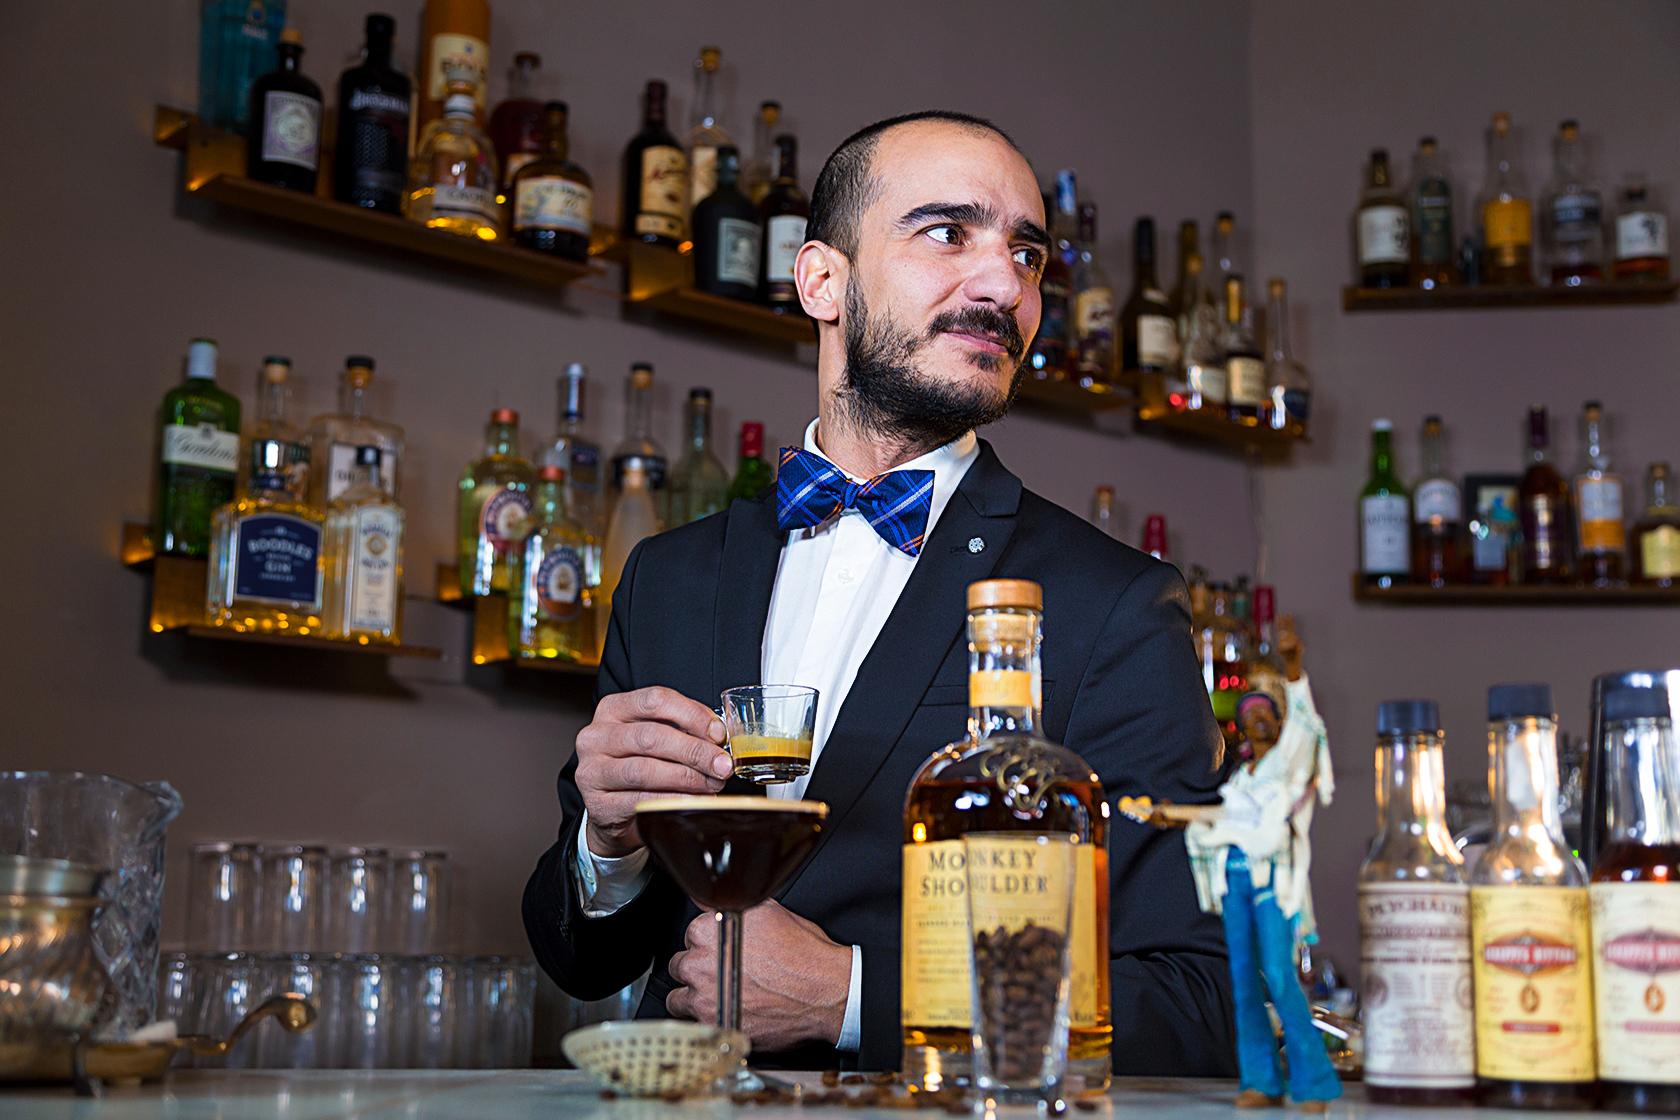 The-Dash-Madrid-Cocktails-Mixology-bartending-Monkey-Shoulder-Tia-Maria--Sr-Erreka-commercial-filmmaker-photographer-fotografia-producto-publicidad-editorial-retratos-spots-clips-publicitarios-spain-malaga.jpg